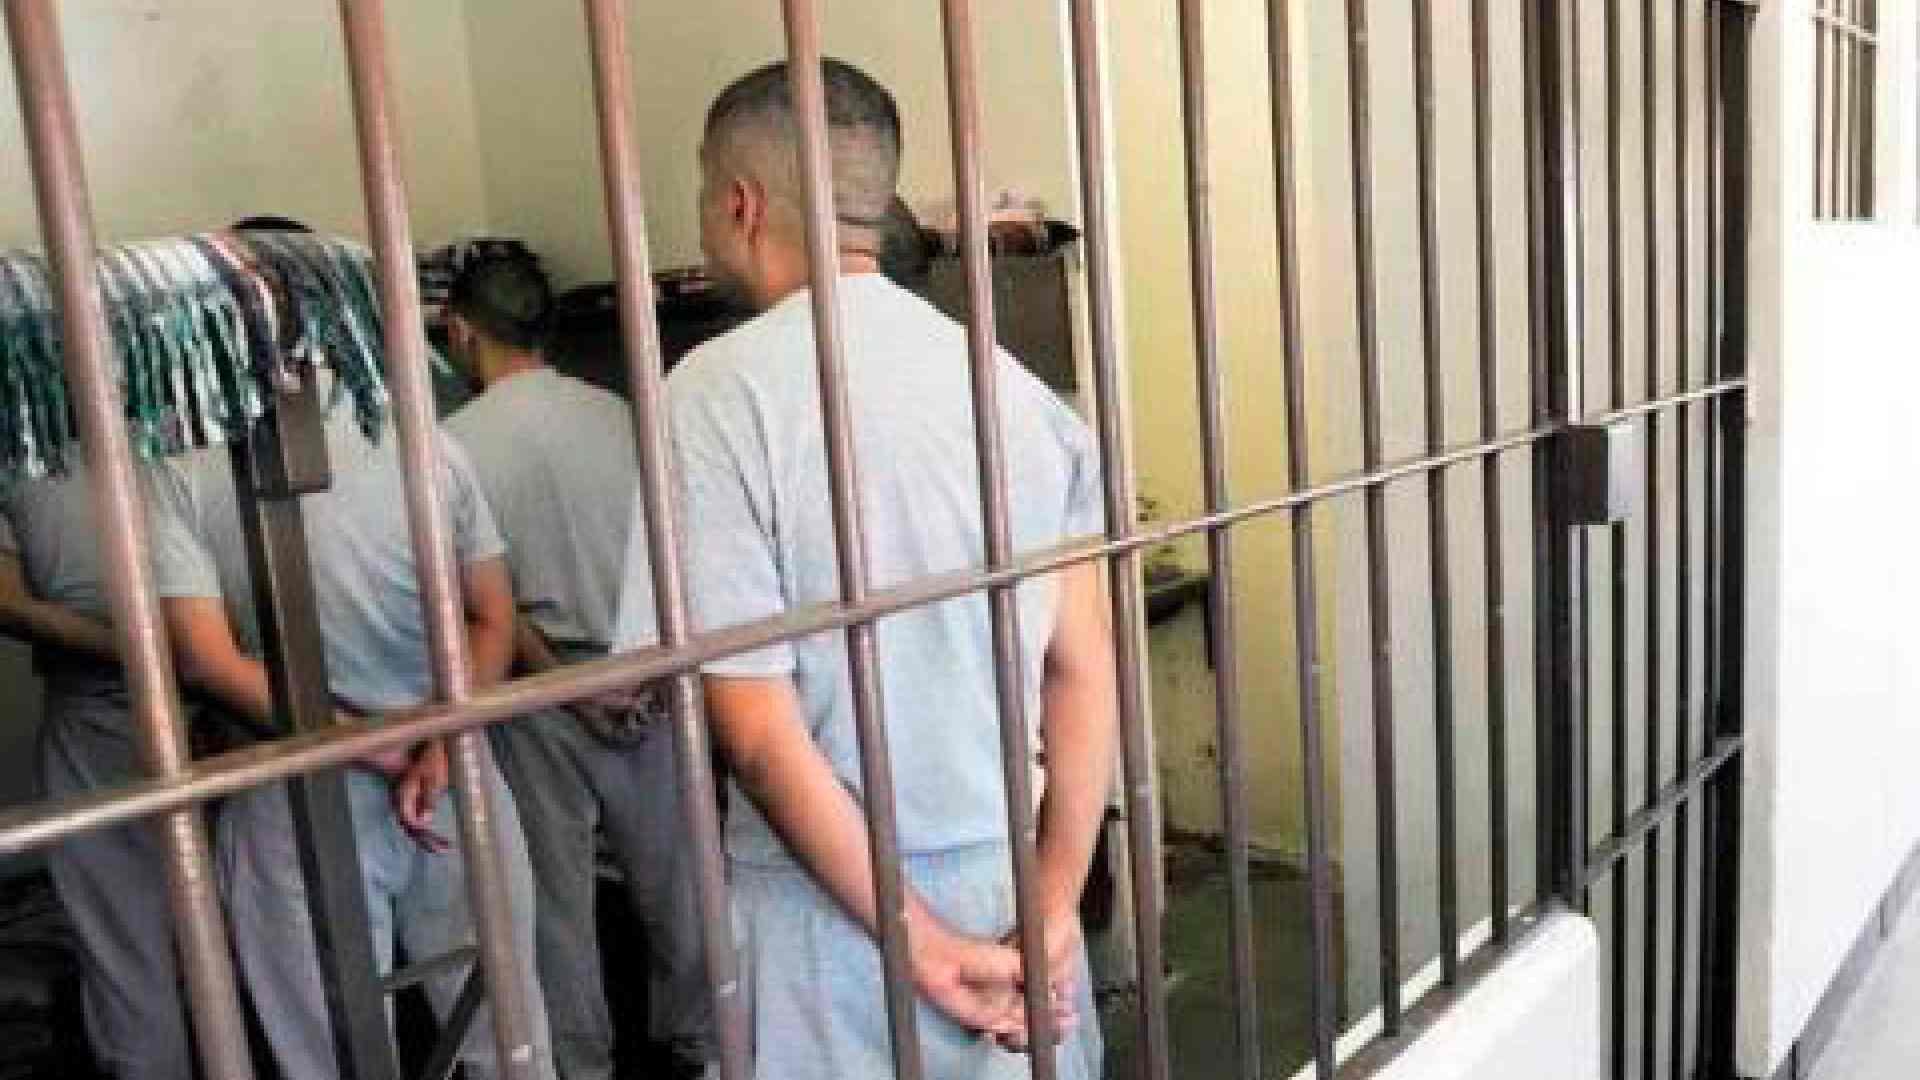 sistema penal-carcel-penitenciarias-tlaxcala-mexico